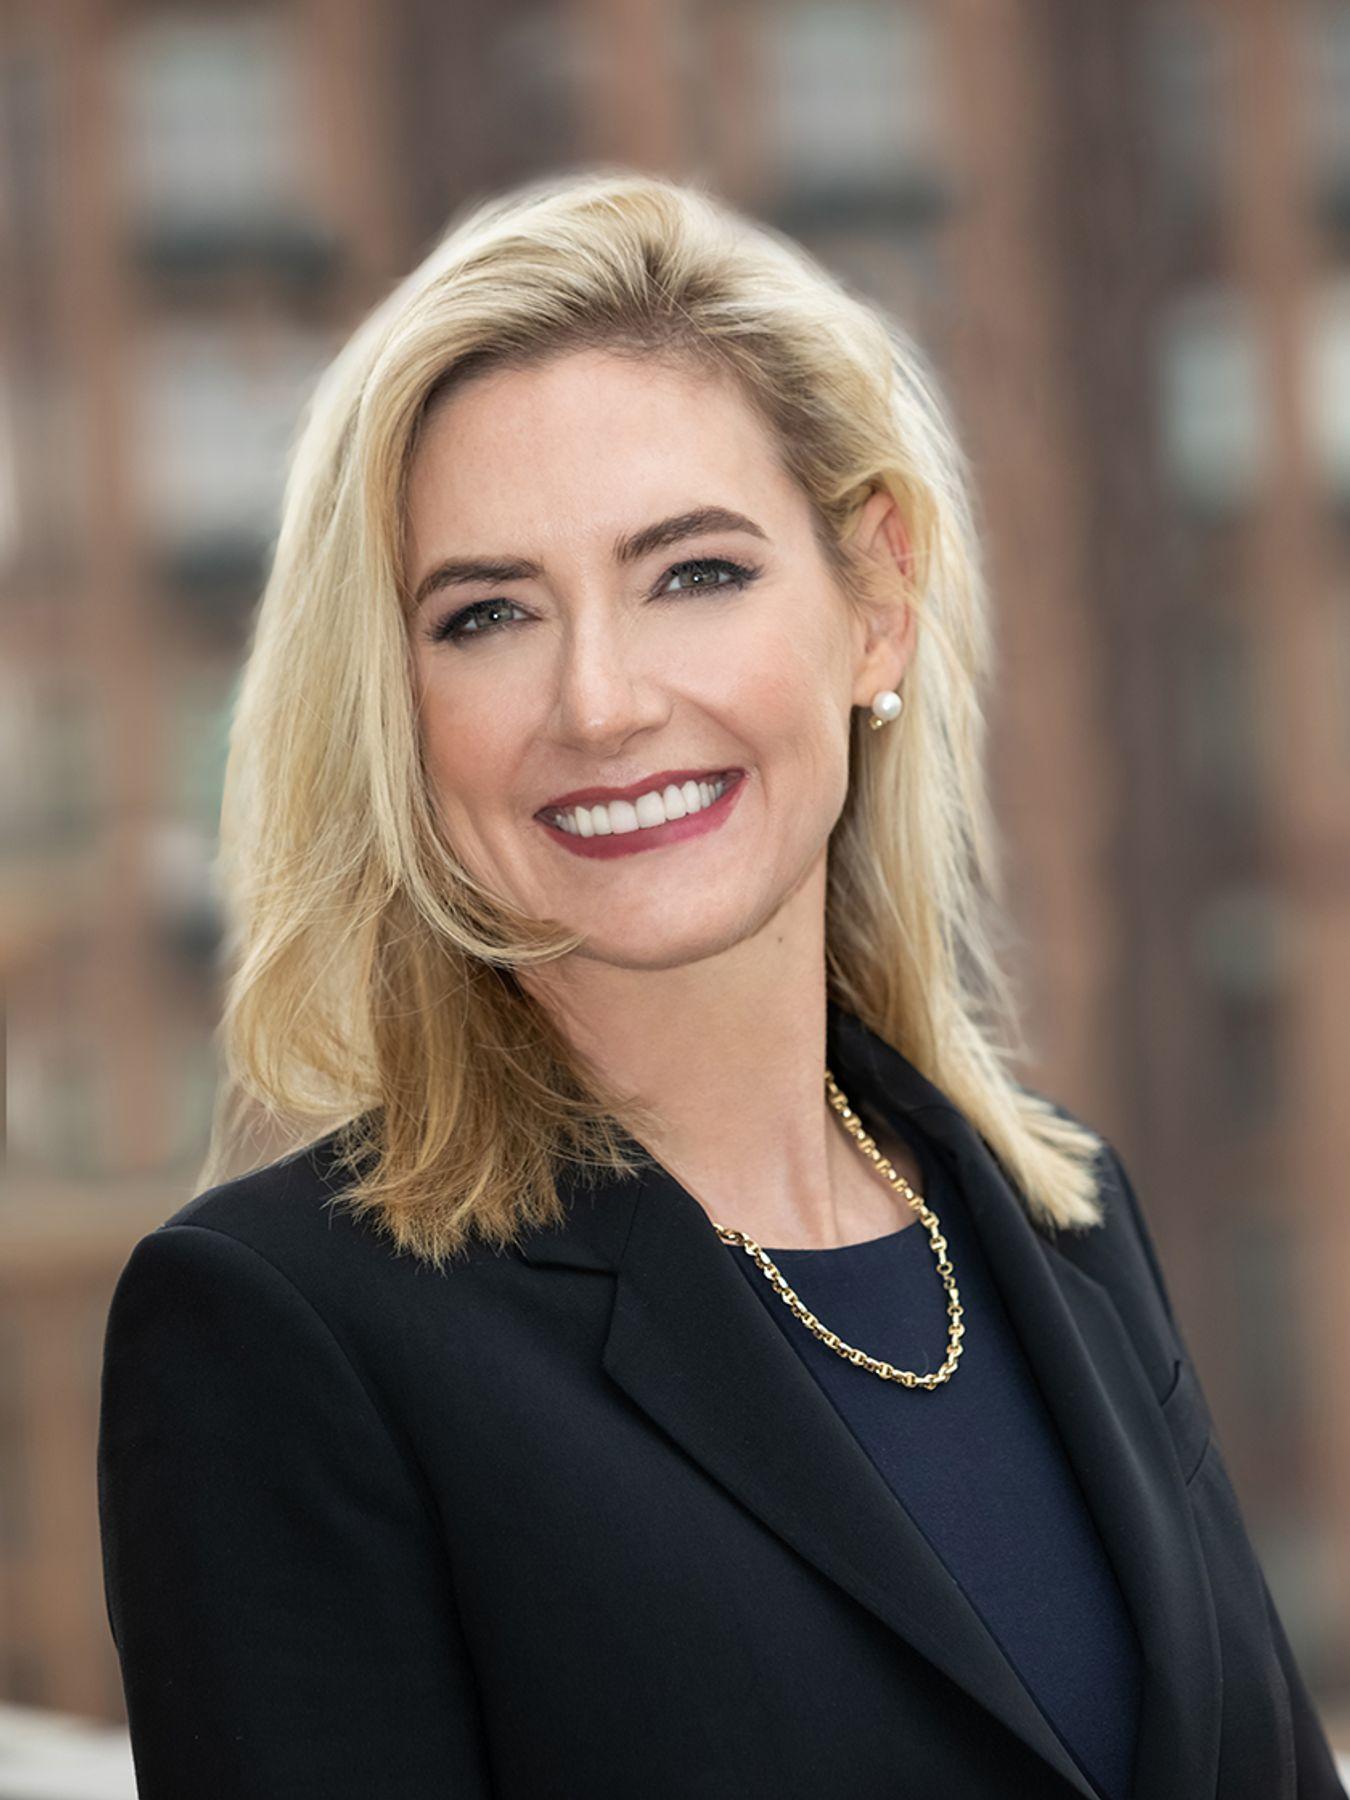 Heather Deleonardis